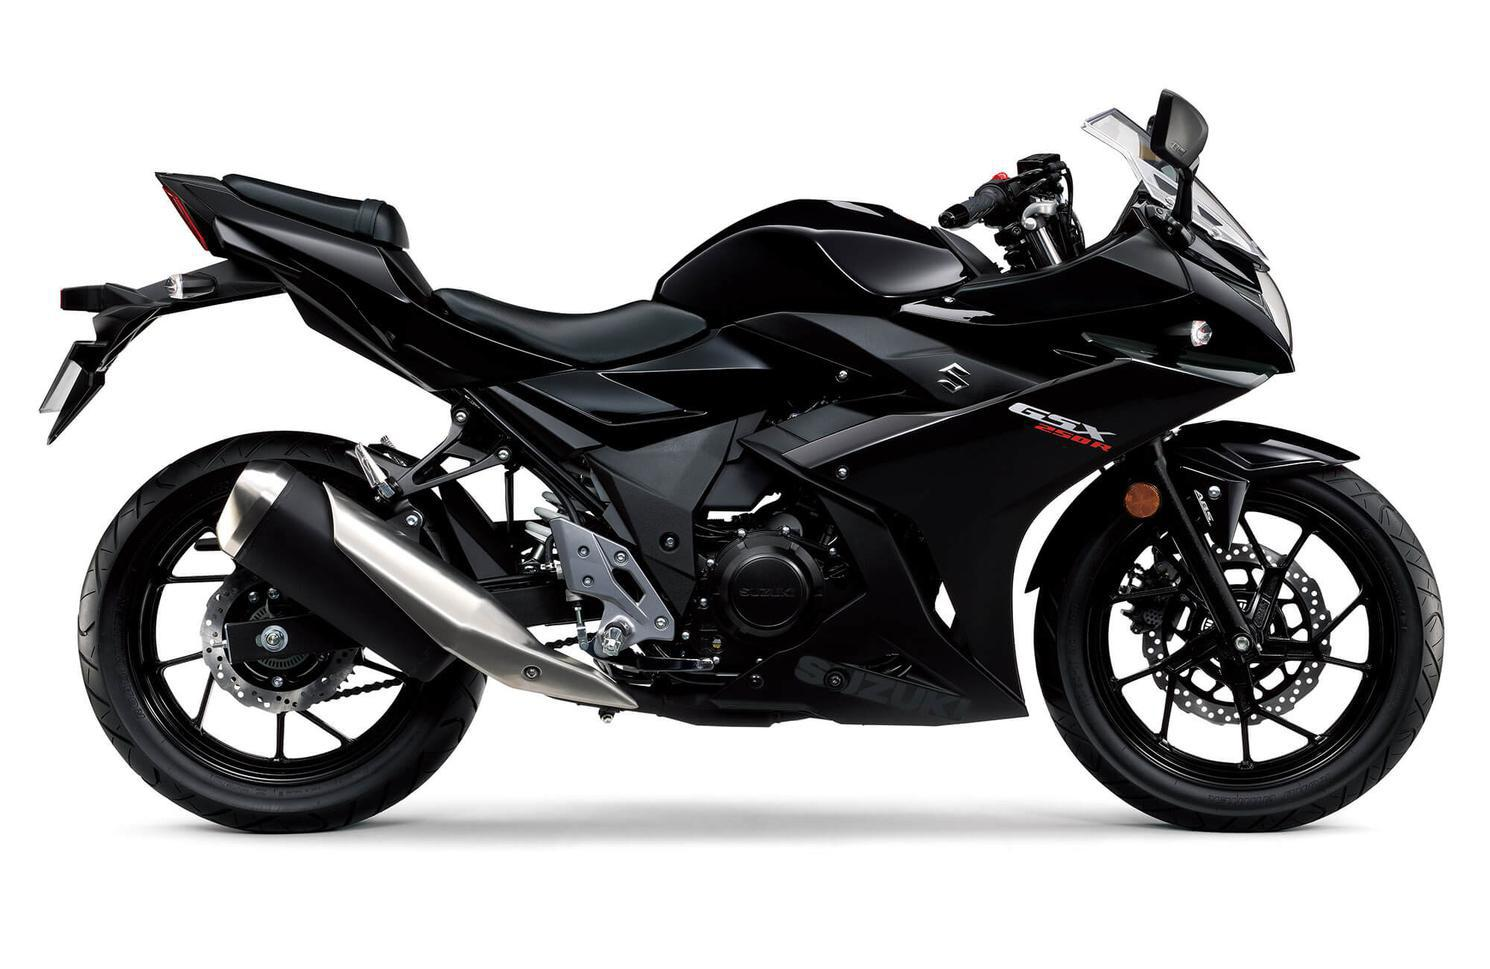 2020 Suzuki GSX250R - MOTO SPORT TOURING